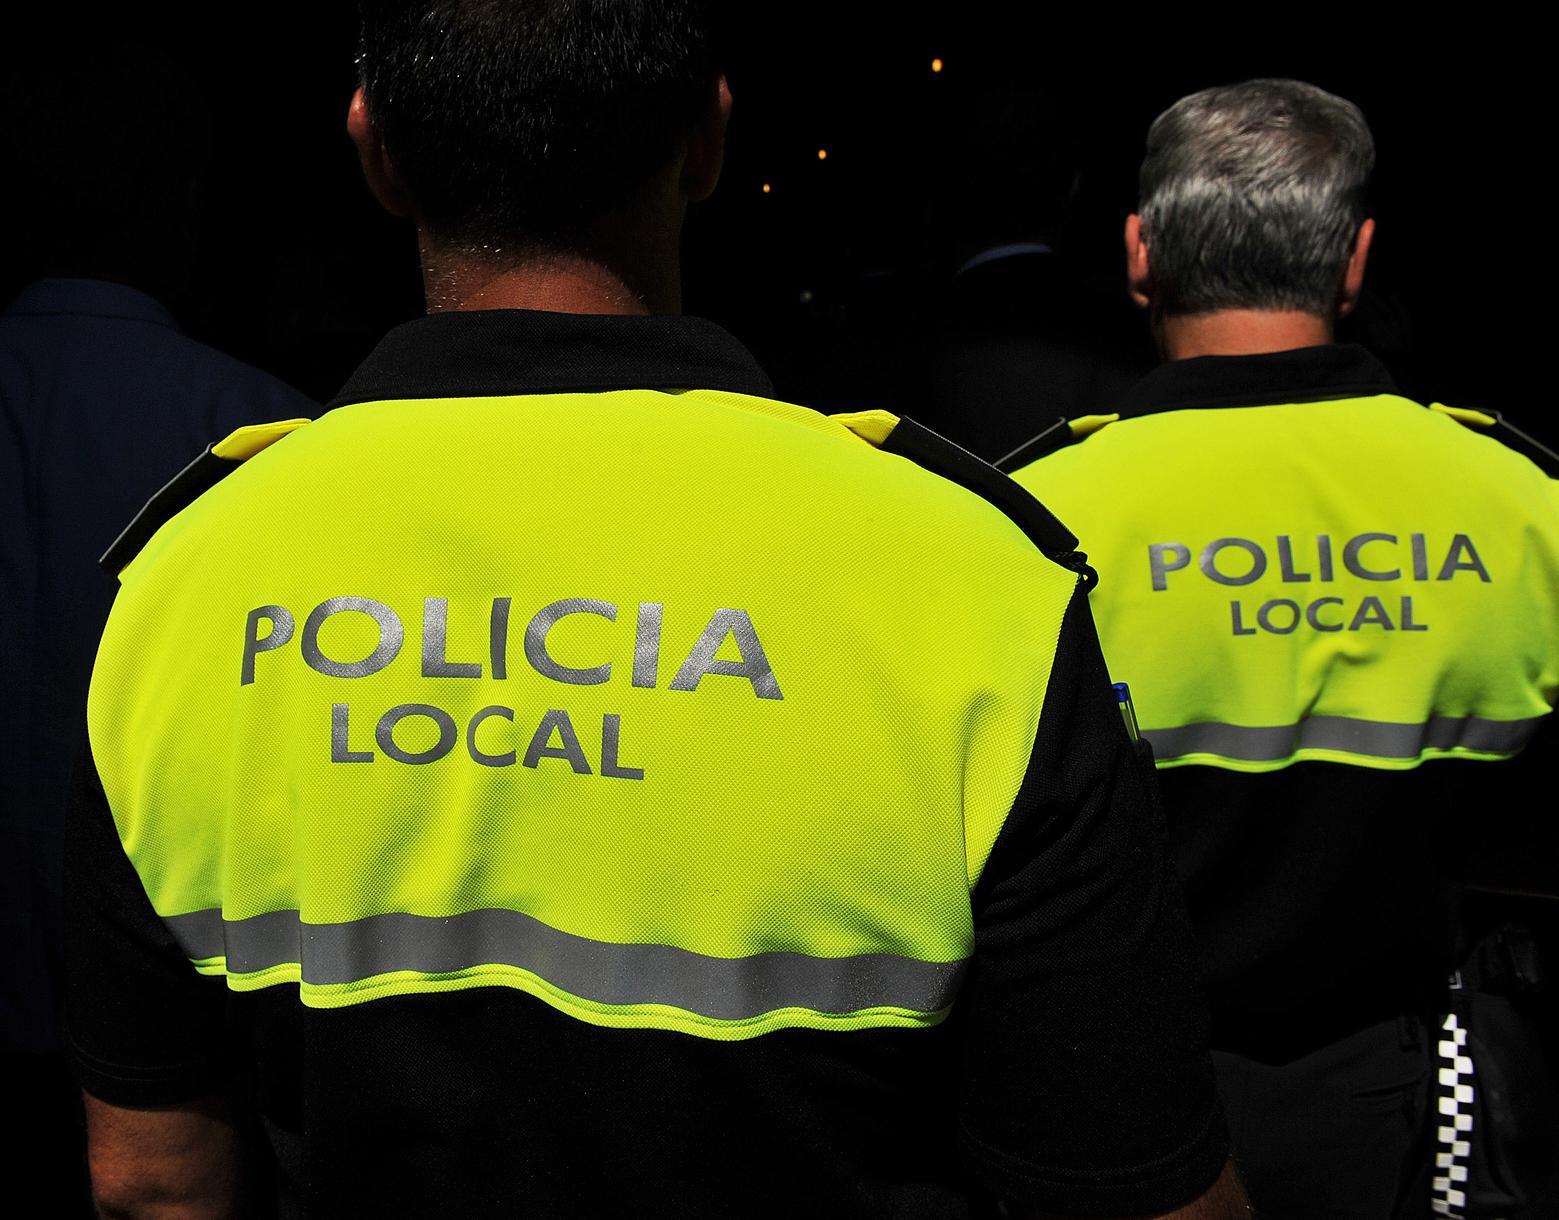 Principales diferencias entre las oposiciones de Guardia Civil, Policía Nacional y Policía Local